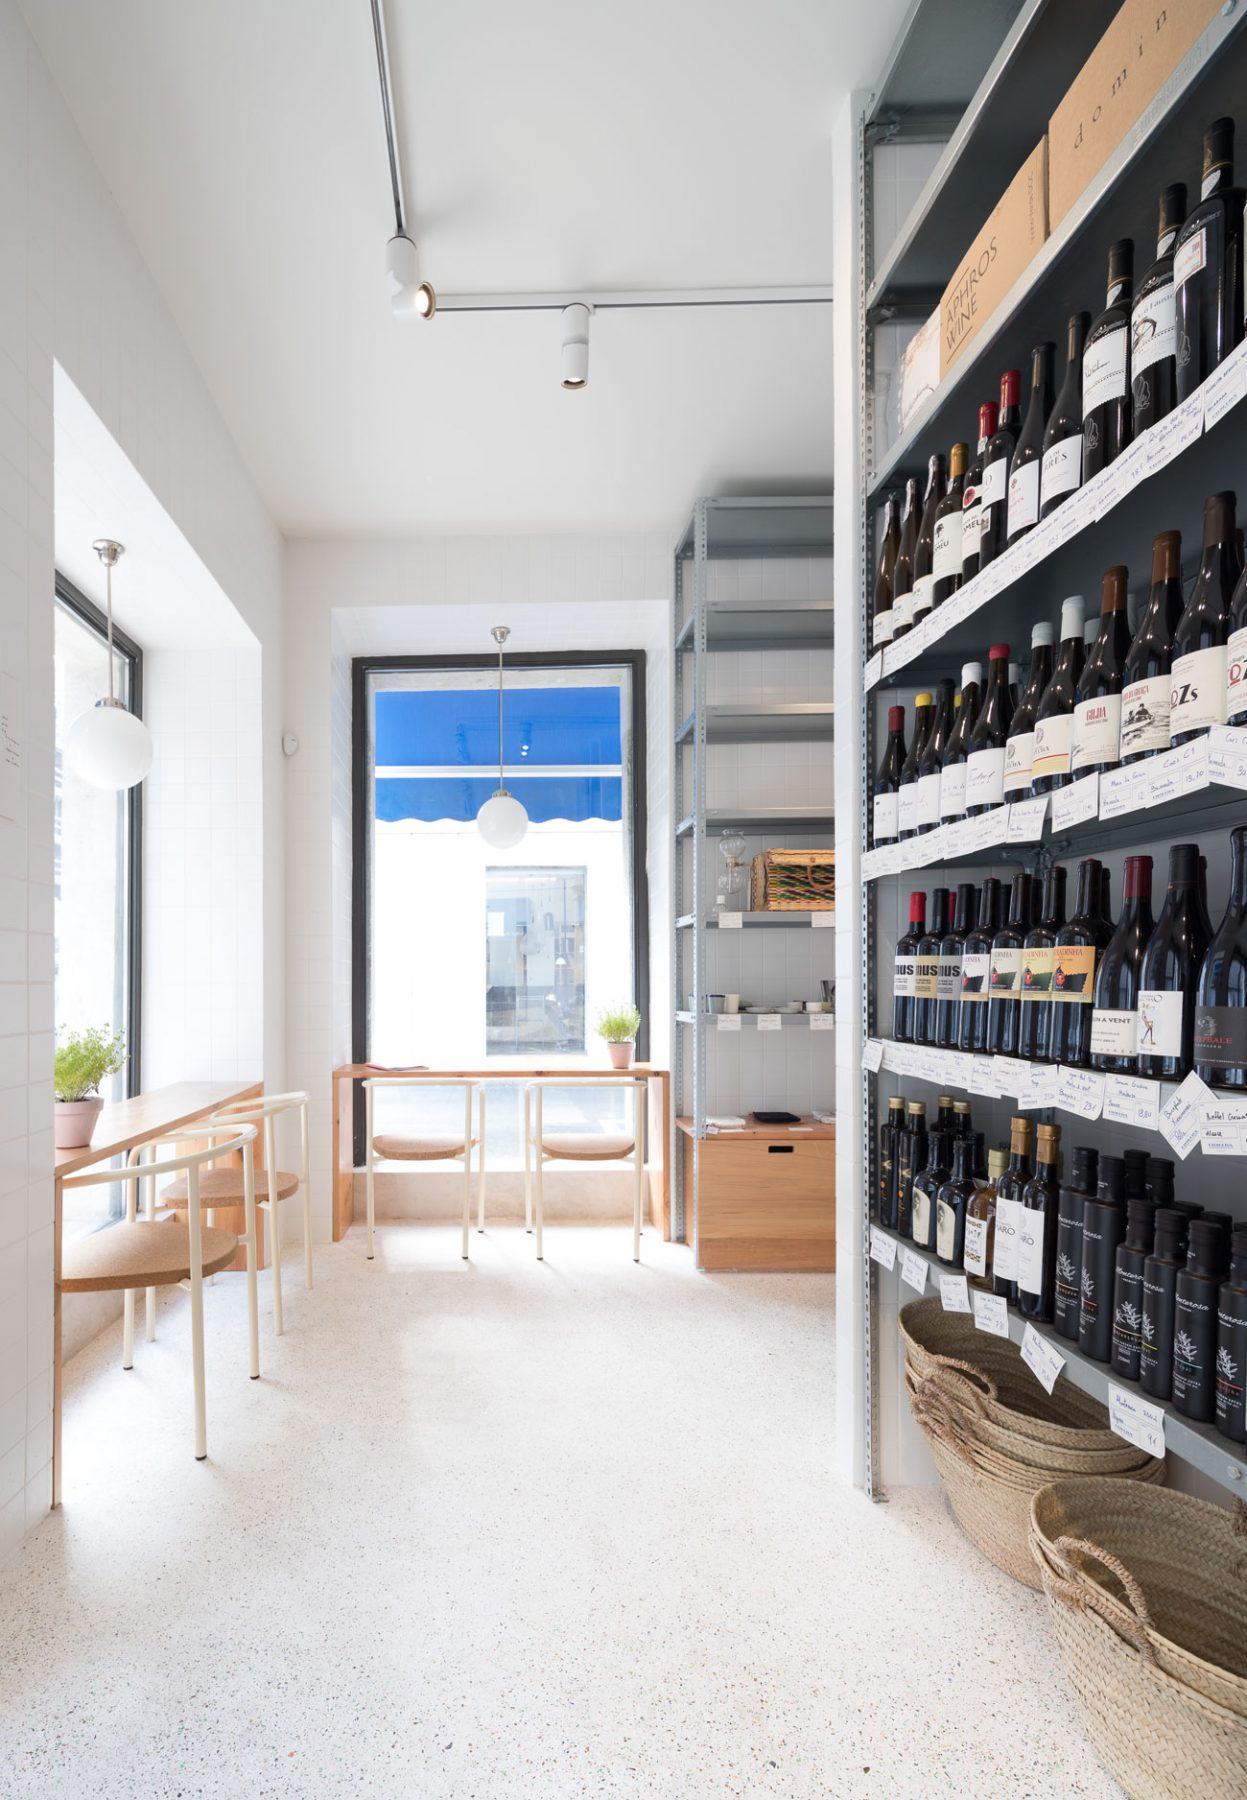 dc ad comida independente architecture 12